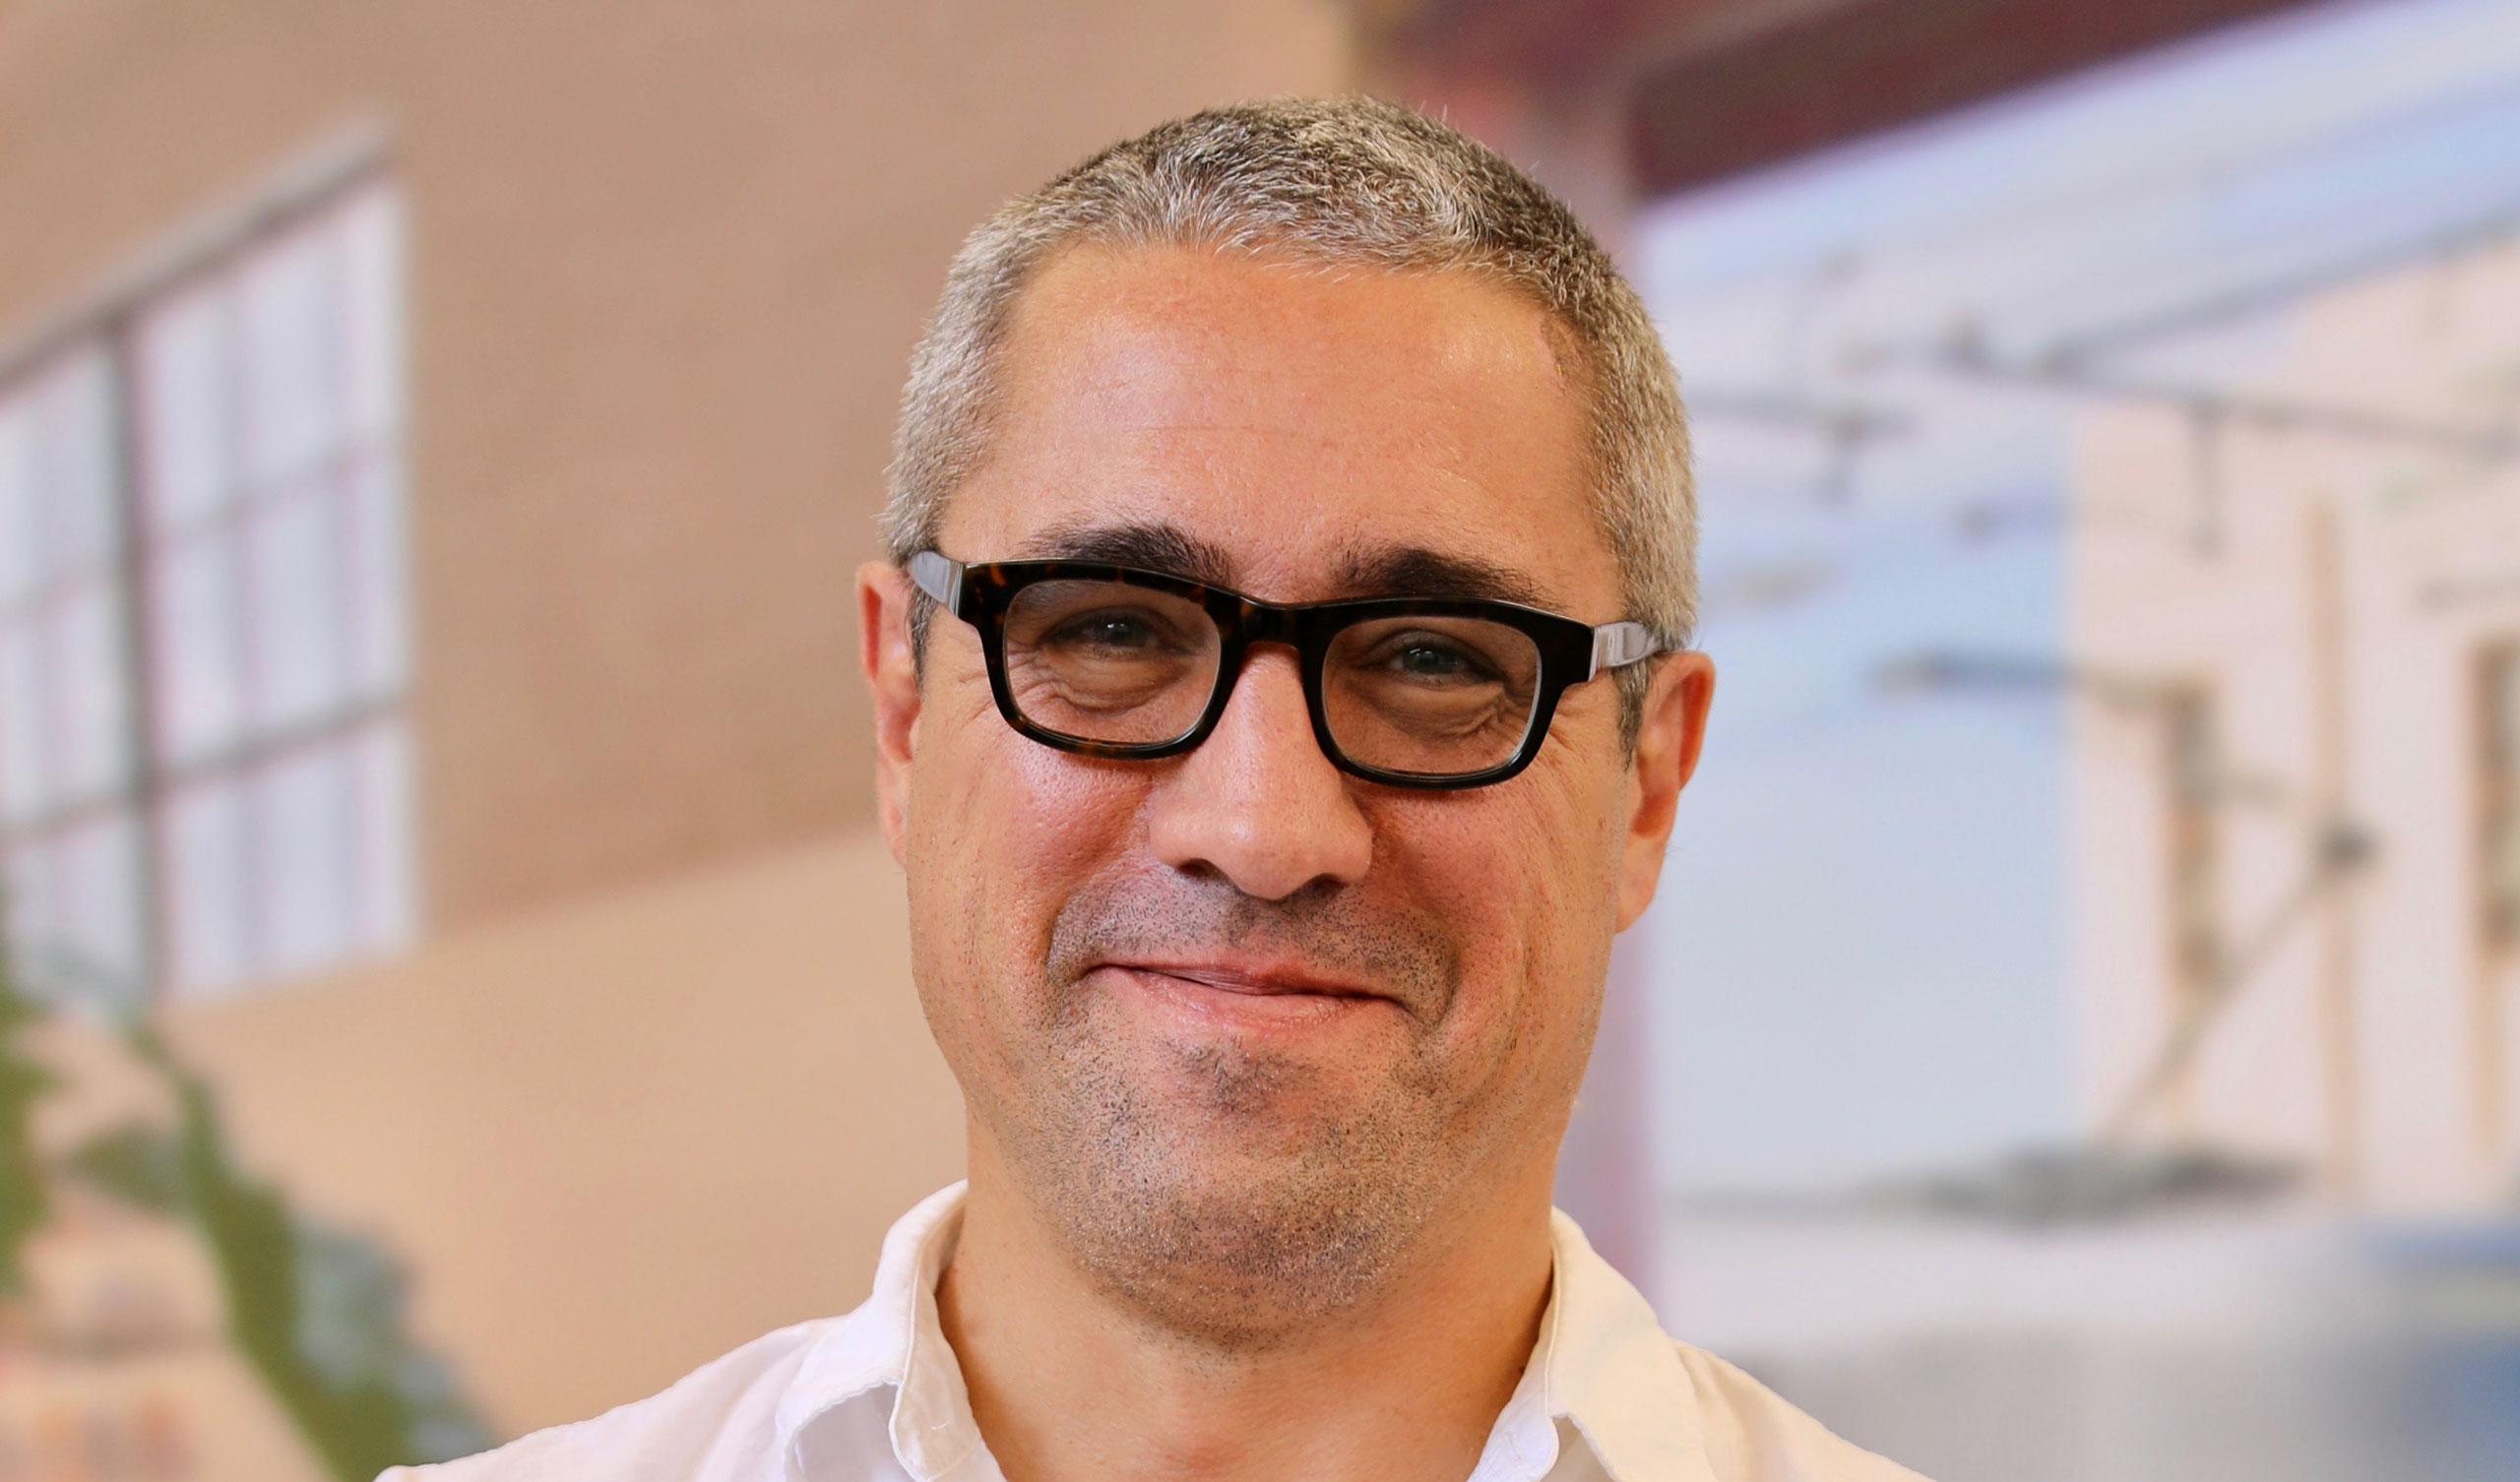 Gregory Kochanowski